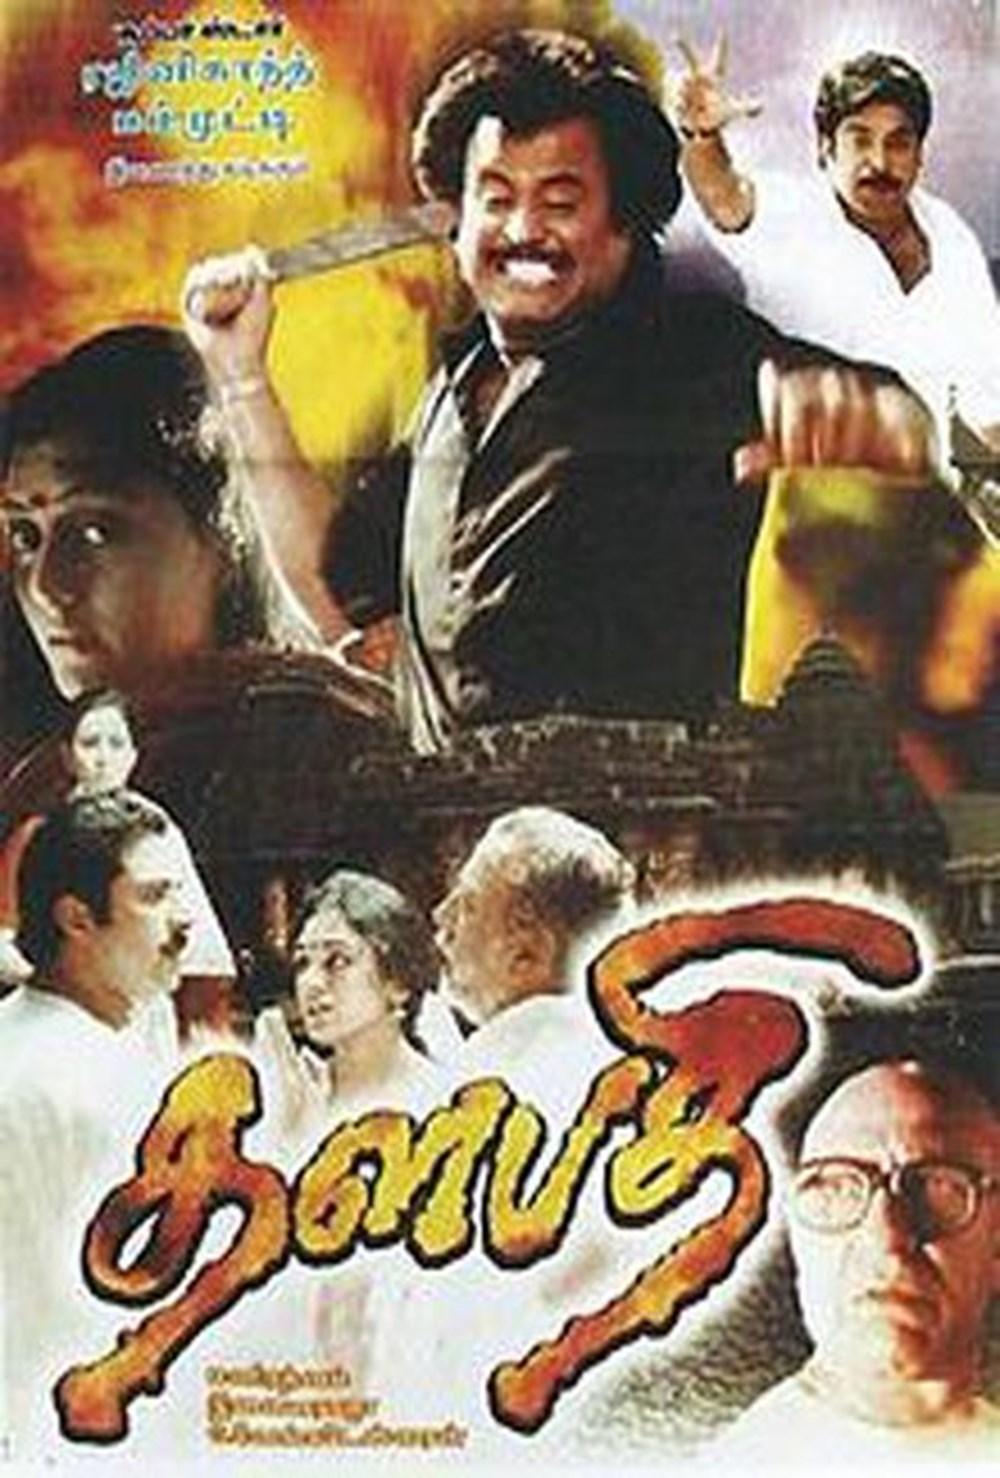 En iyi Hint filmleri - IMDb verileri (Bollywood sineması) - 33